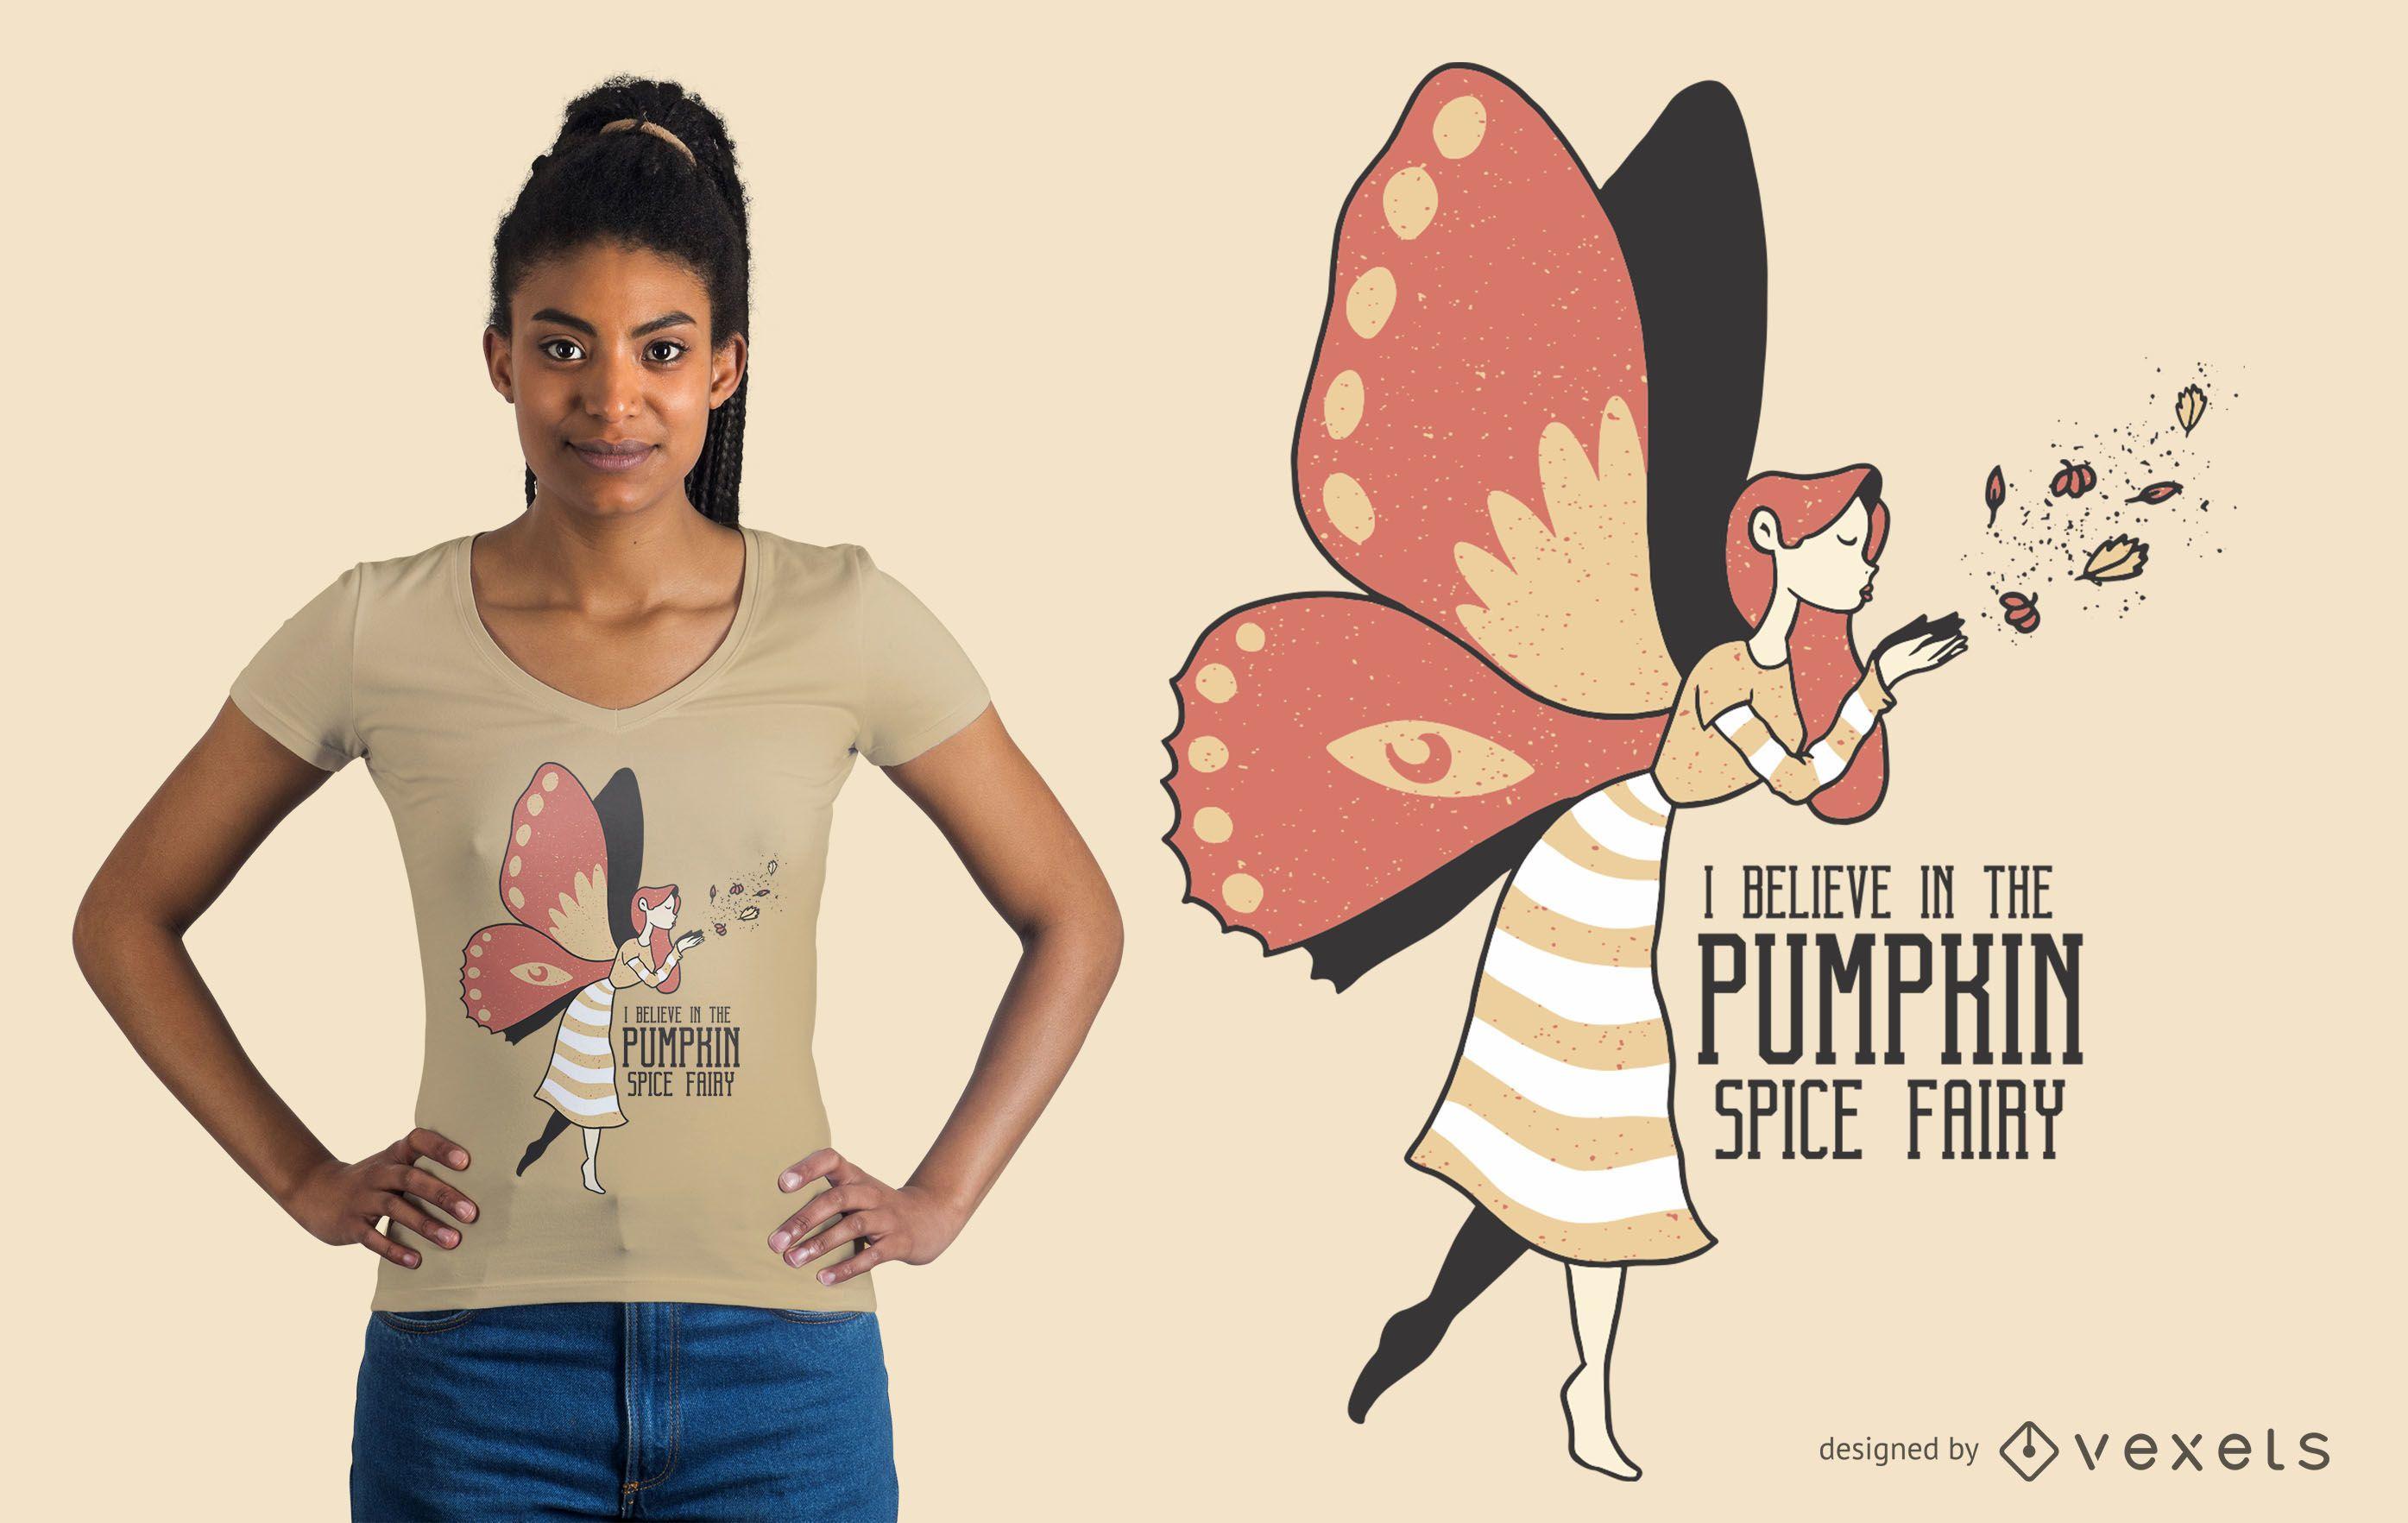 Pumpkin Spice Fairy T-shirt Design